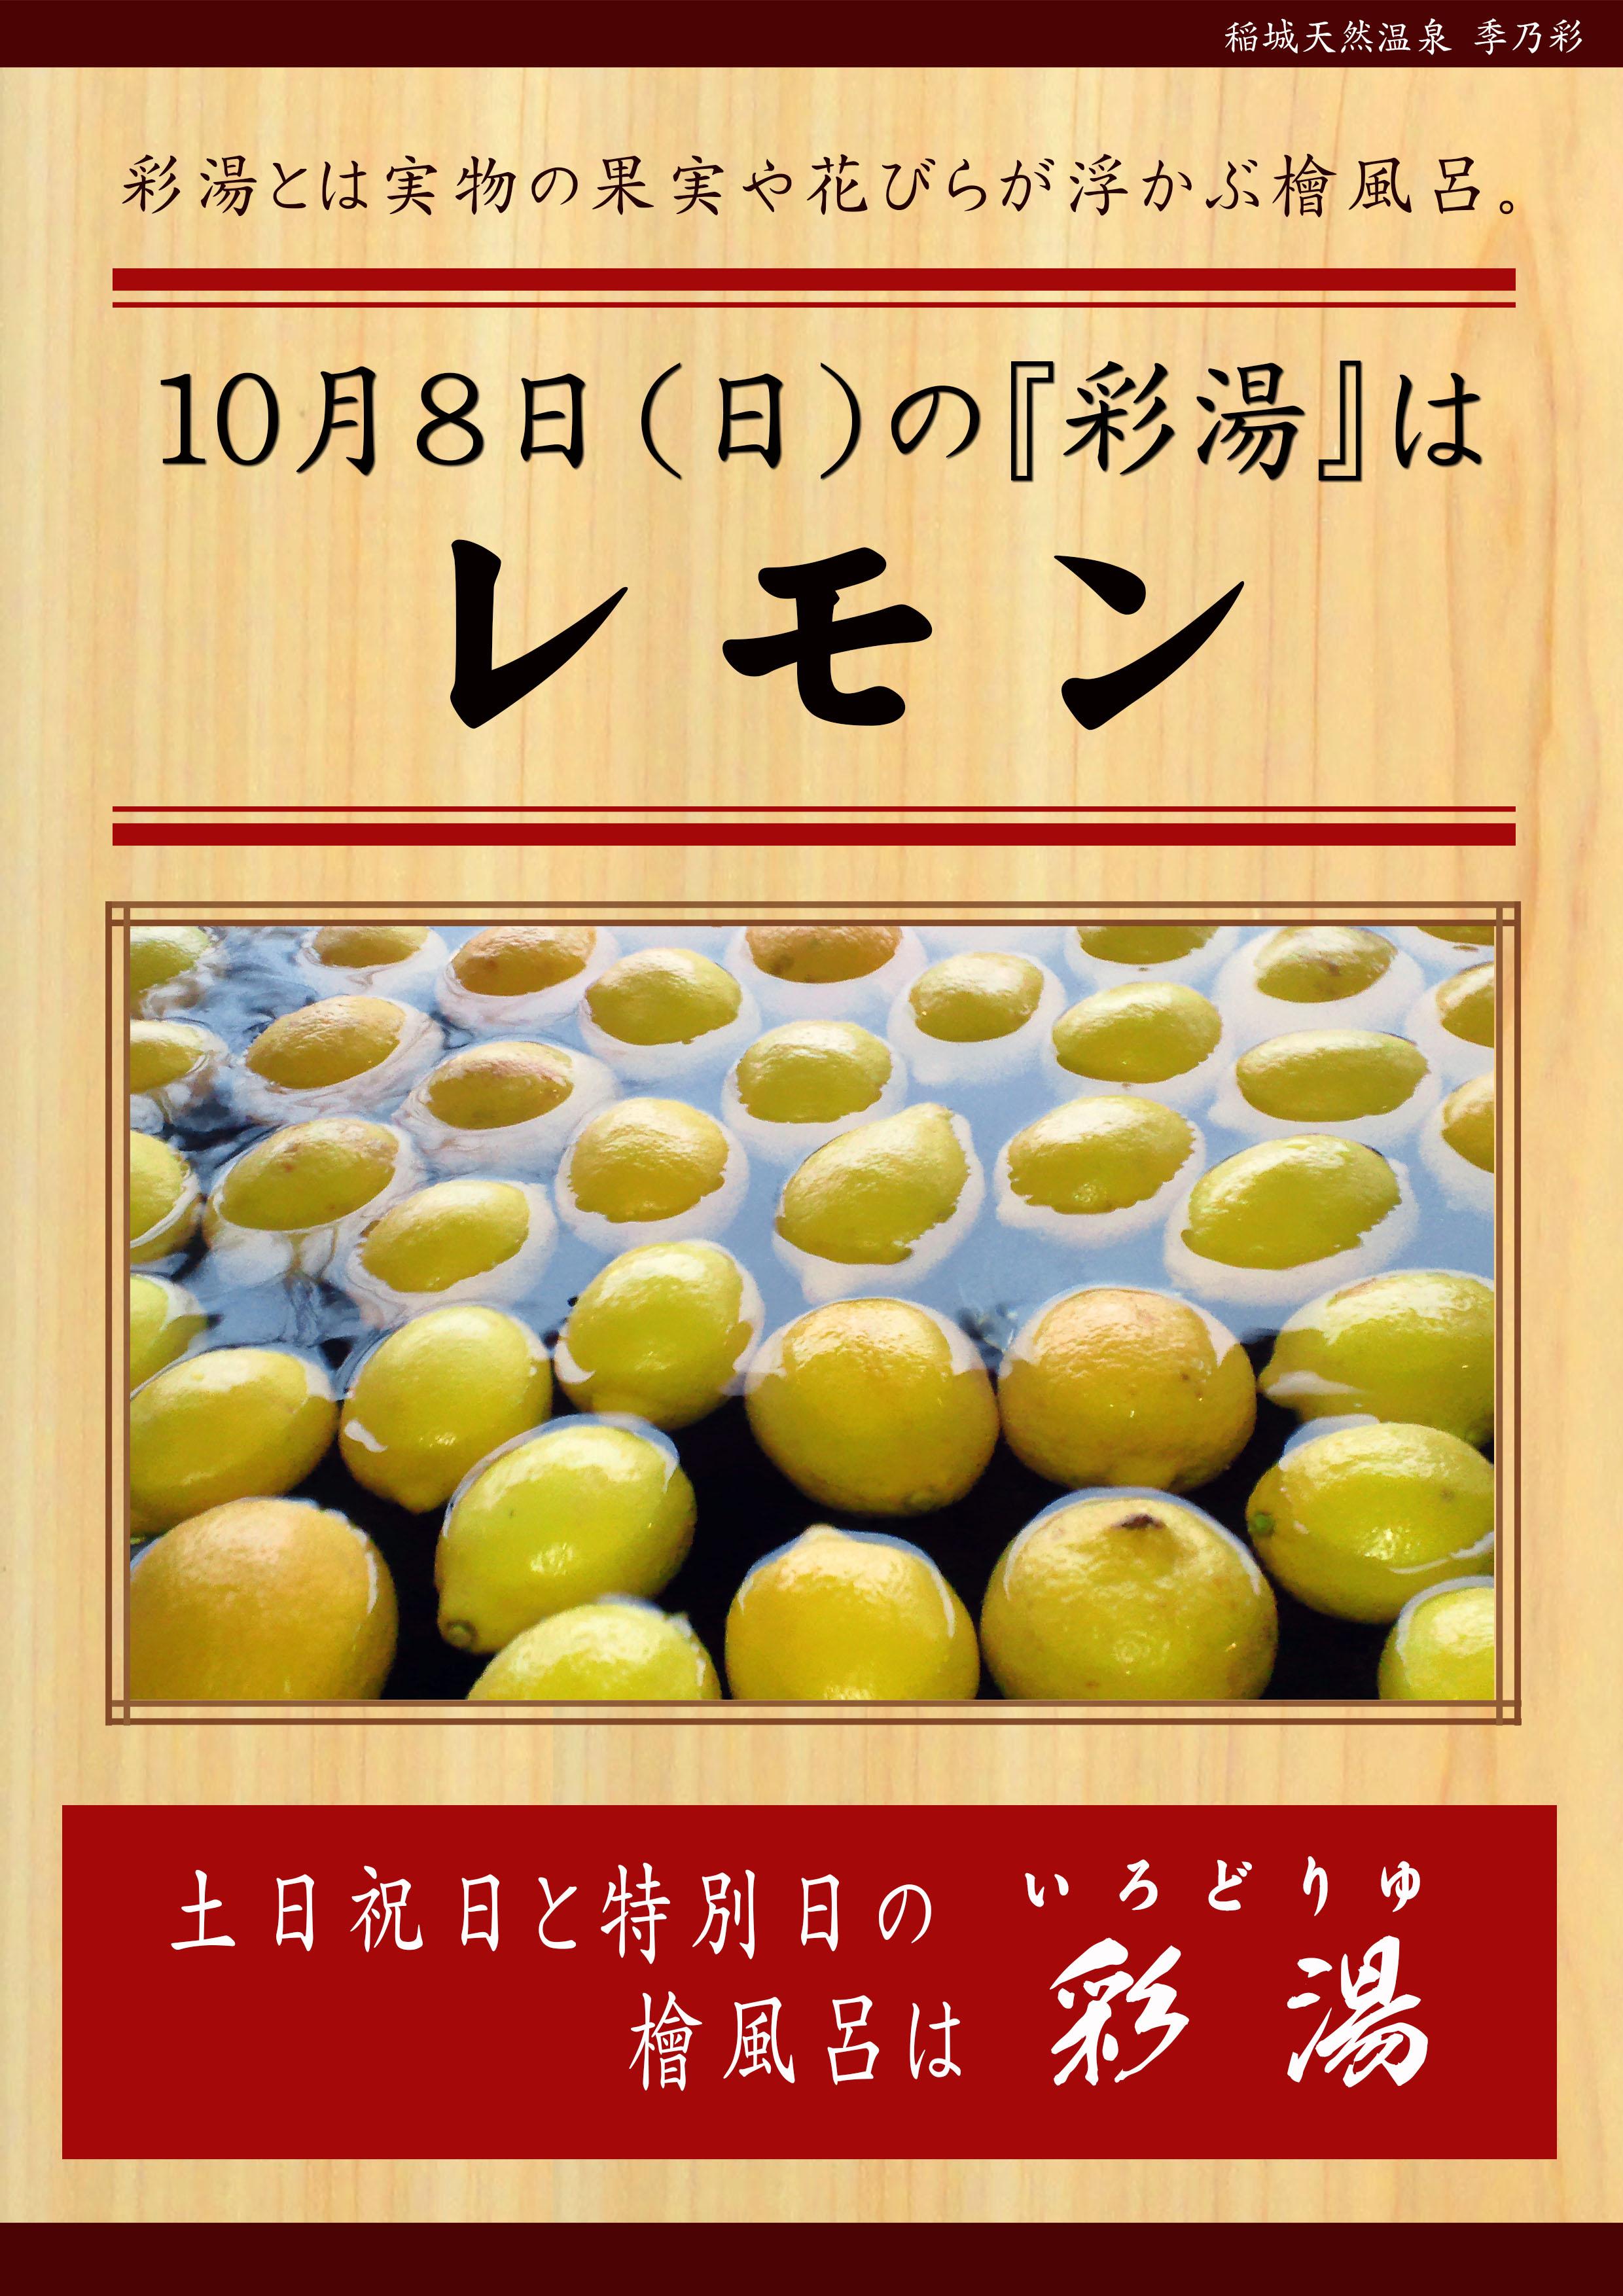 20171008POP イベント 彩湯 レモン